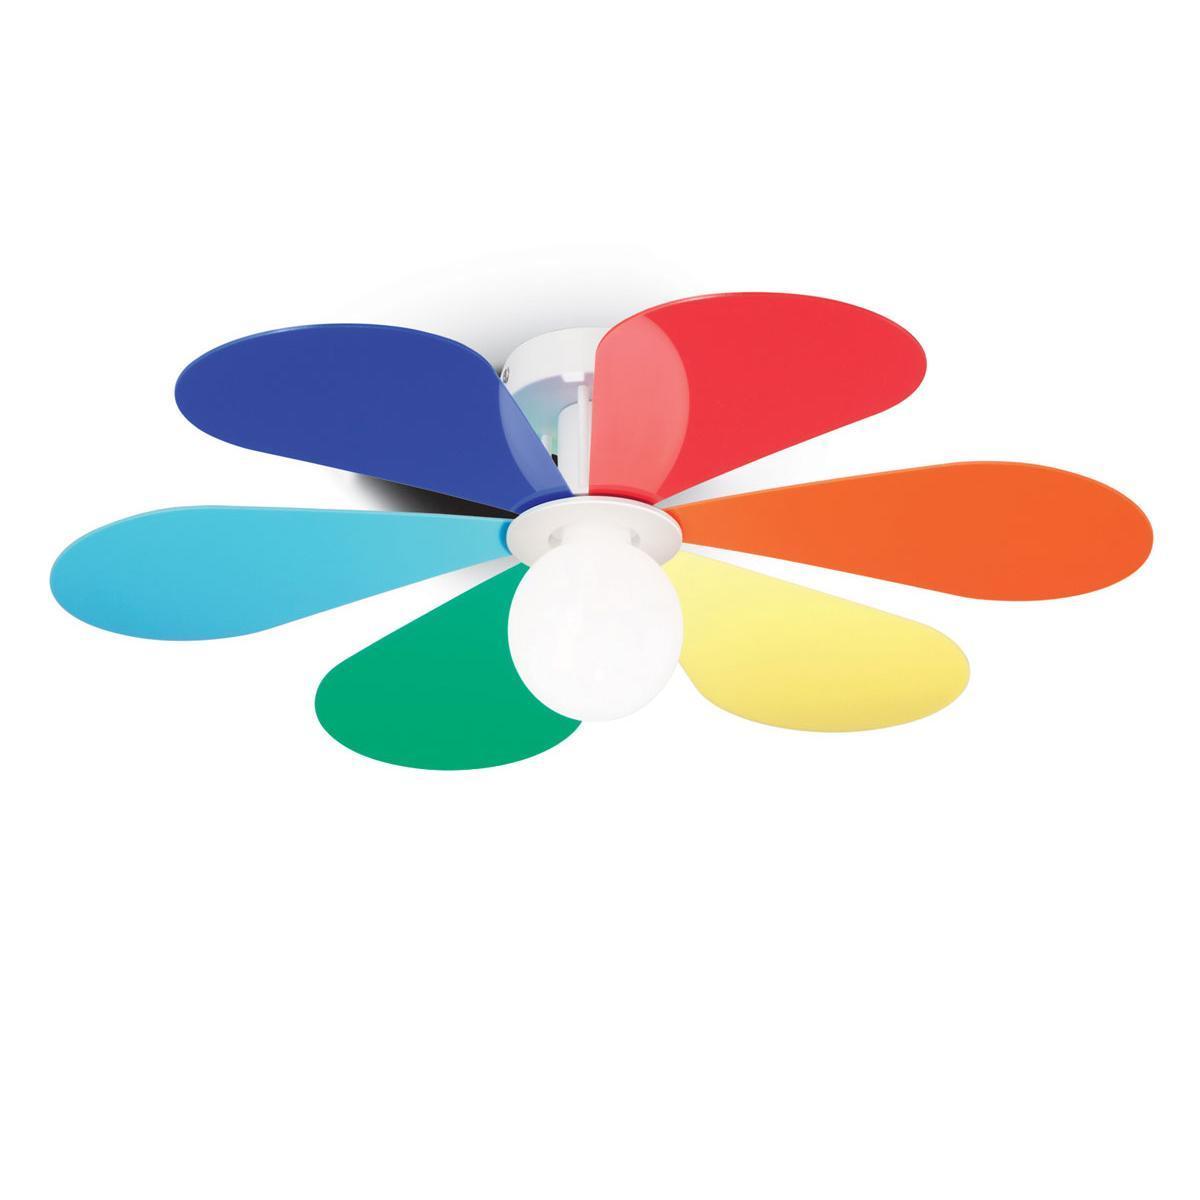 Потолочный светильник Ideal Lux Flower PL1 D60